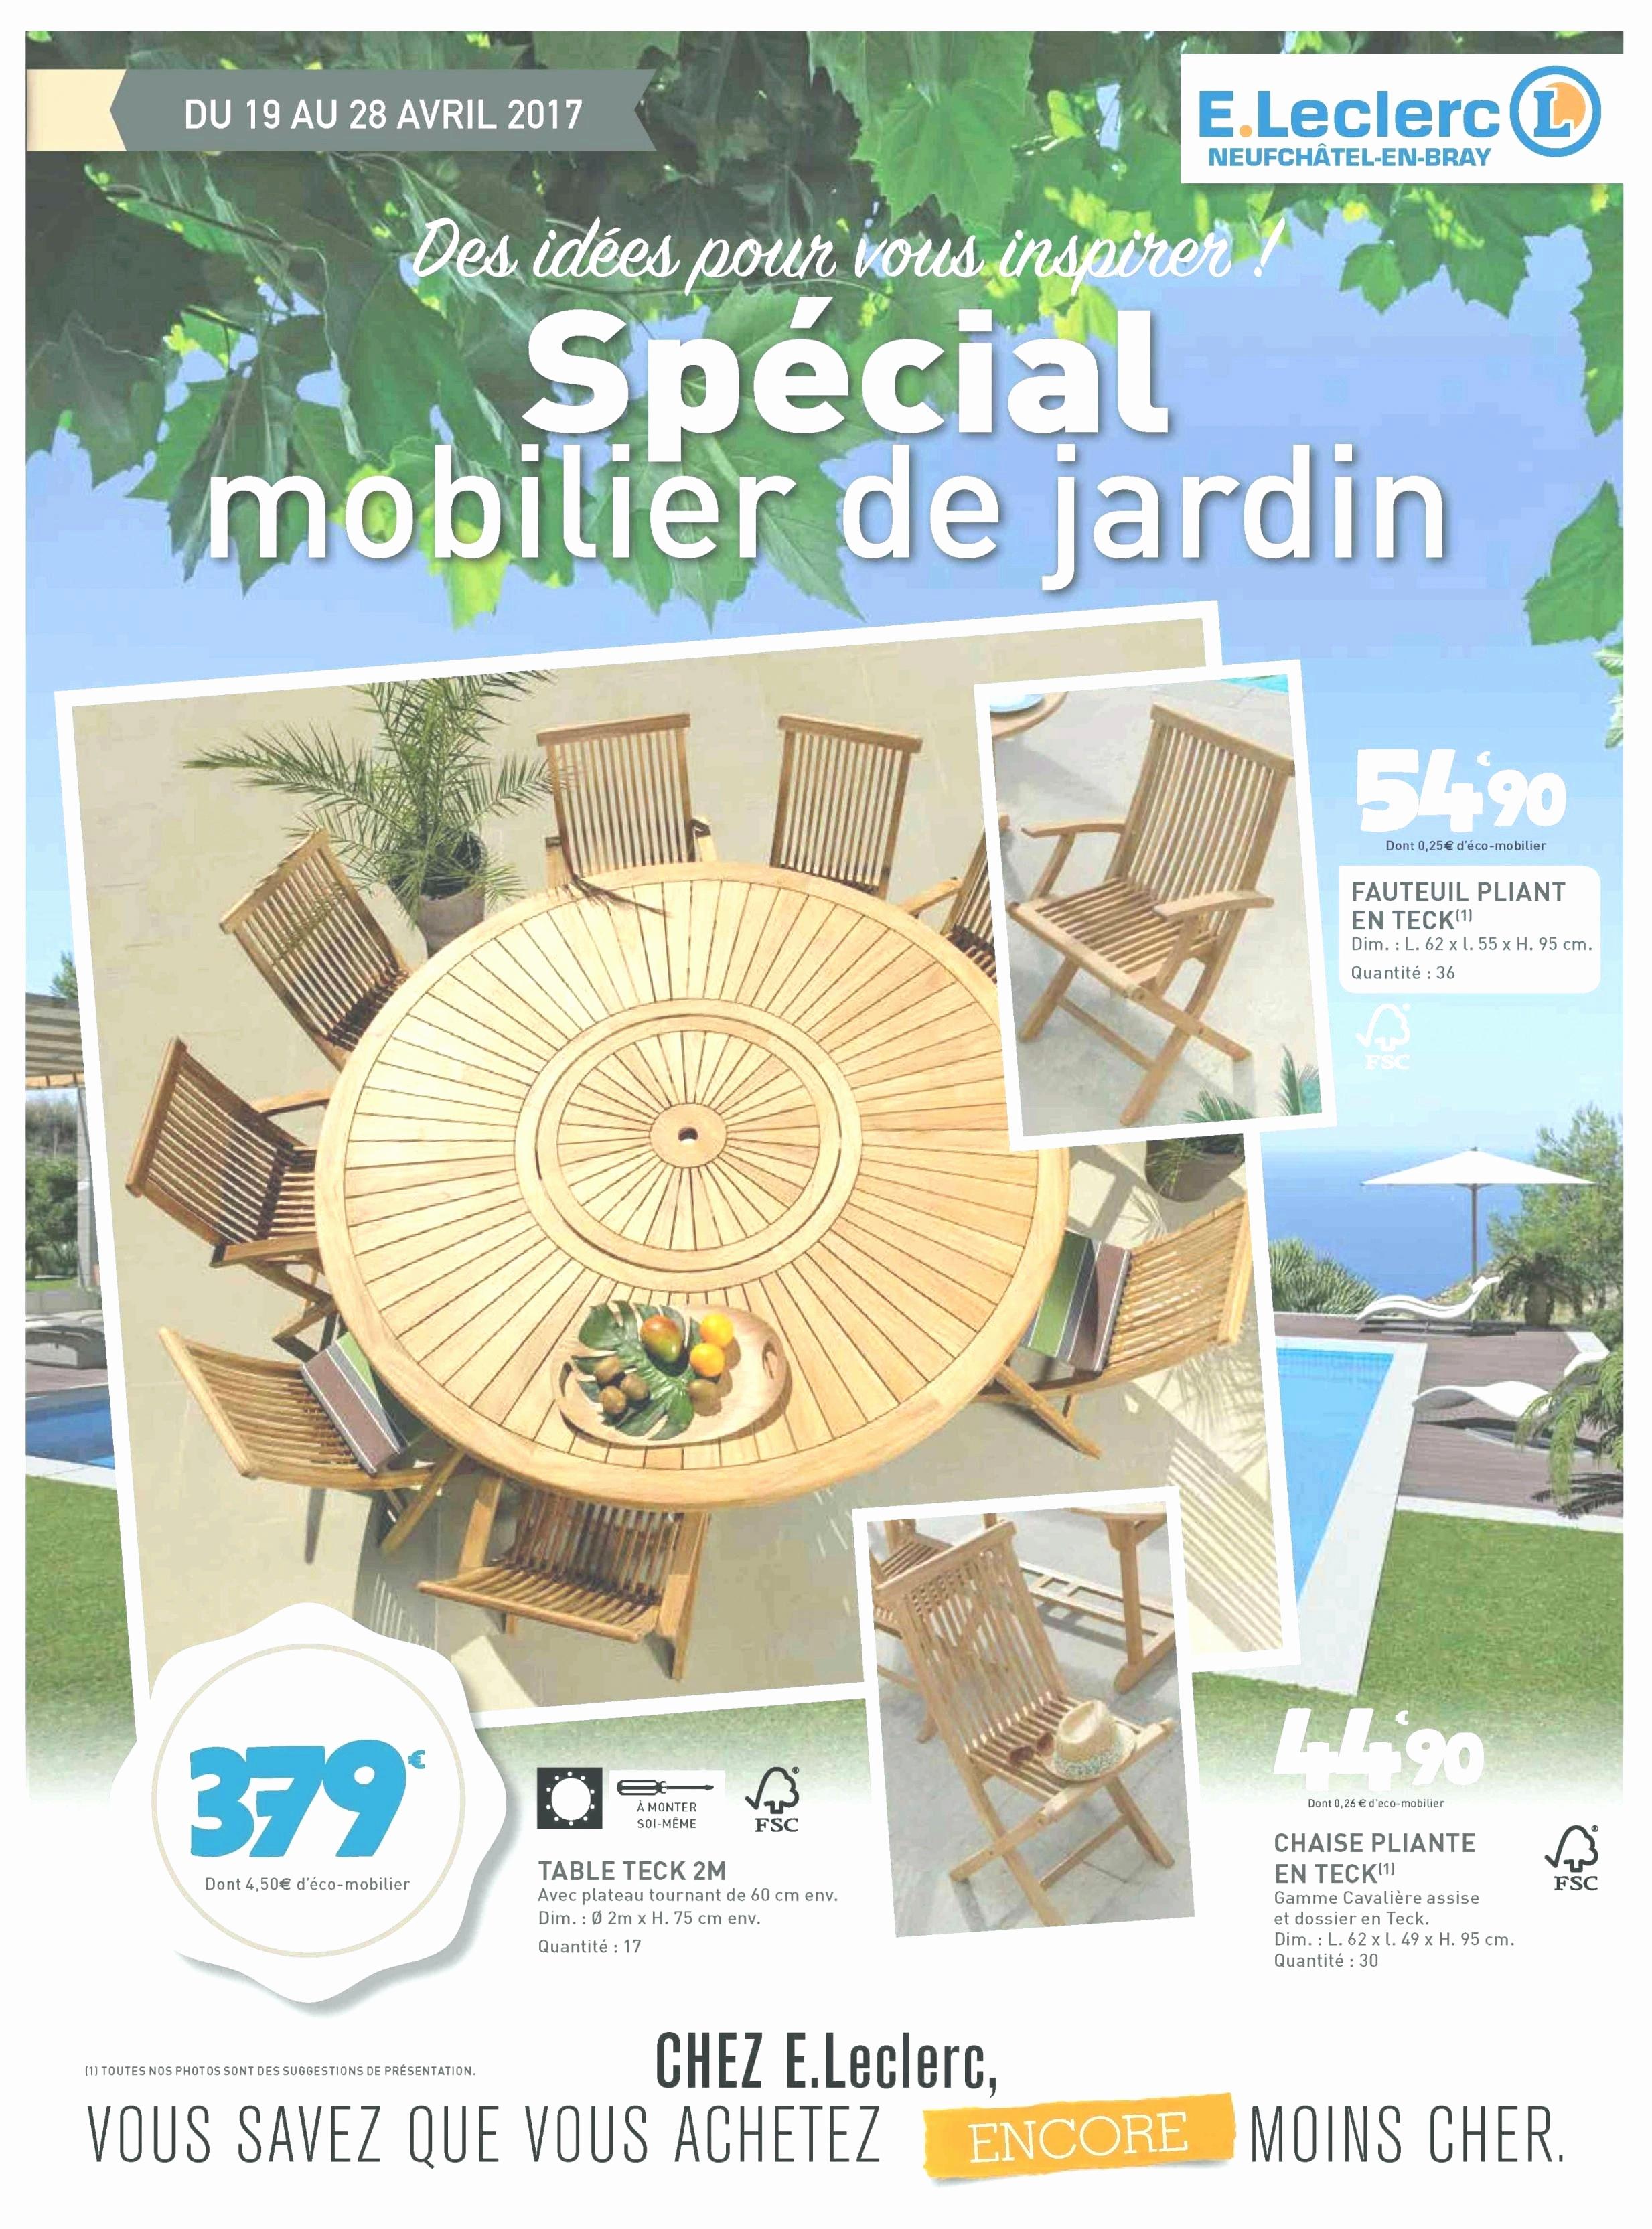 Abri De Jardin Leclerc Luxe Collection 22 Abri De Jardin Design Décoration De Maison Décoration De Maison